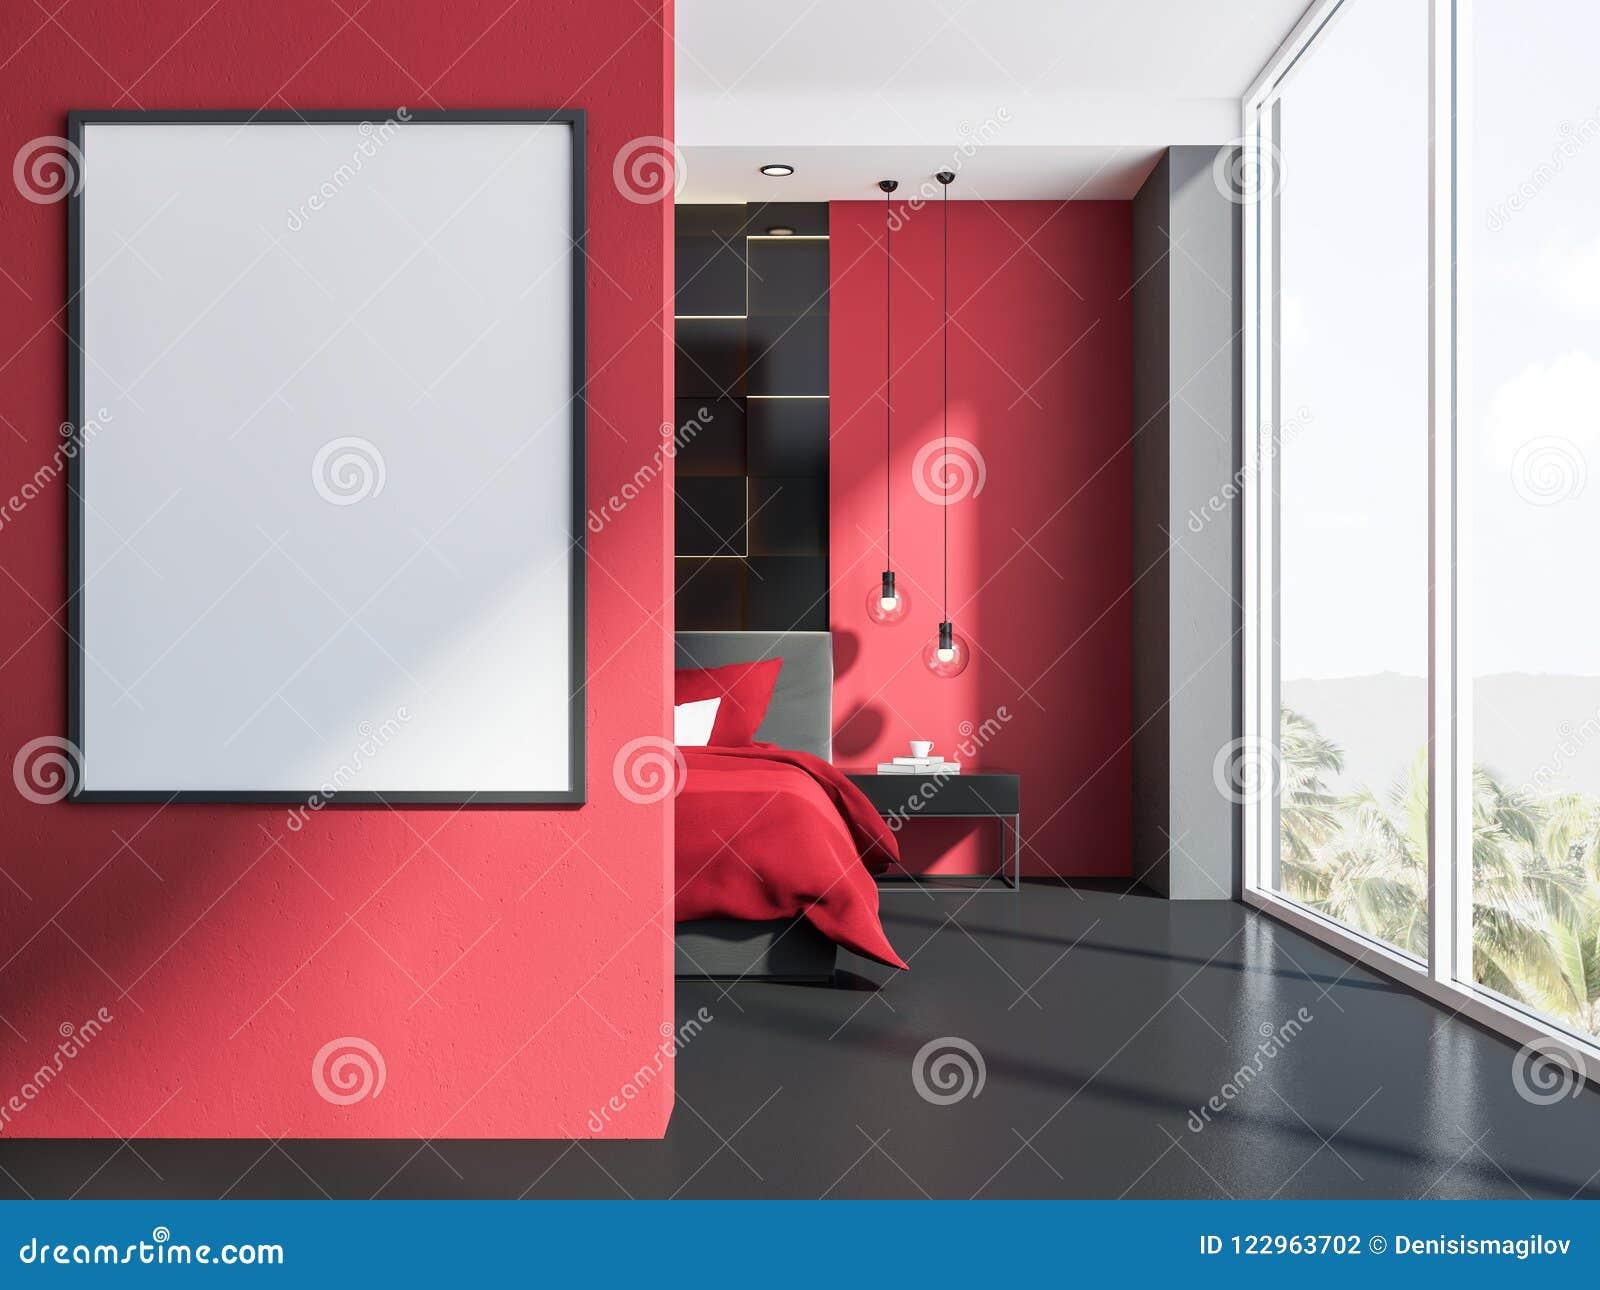 Affiche Dans Un Intérieur Rouge Et Gris De Chambre à Coucher ...